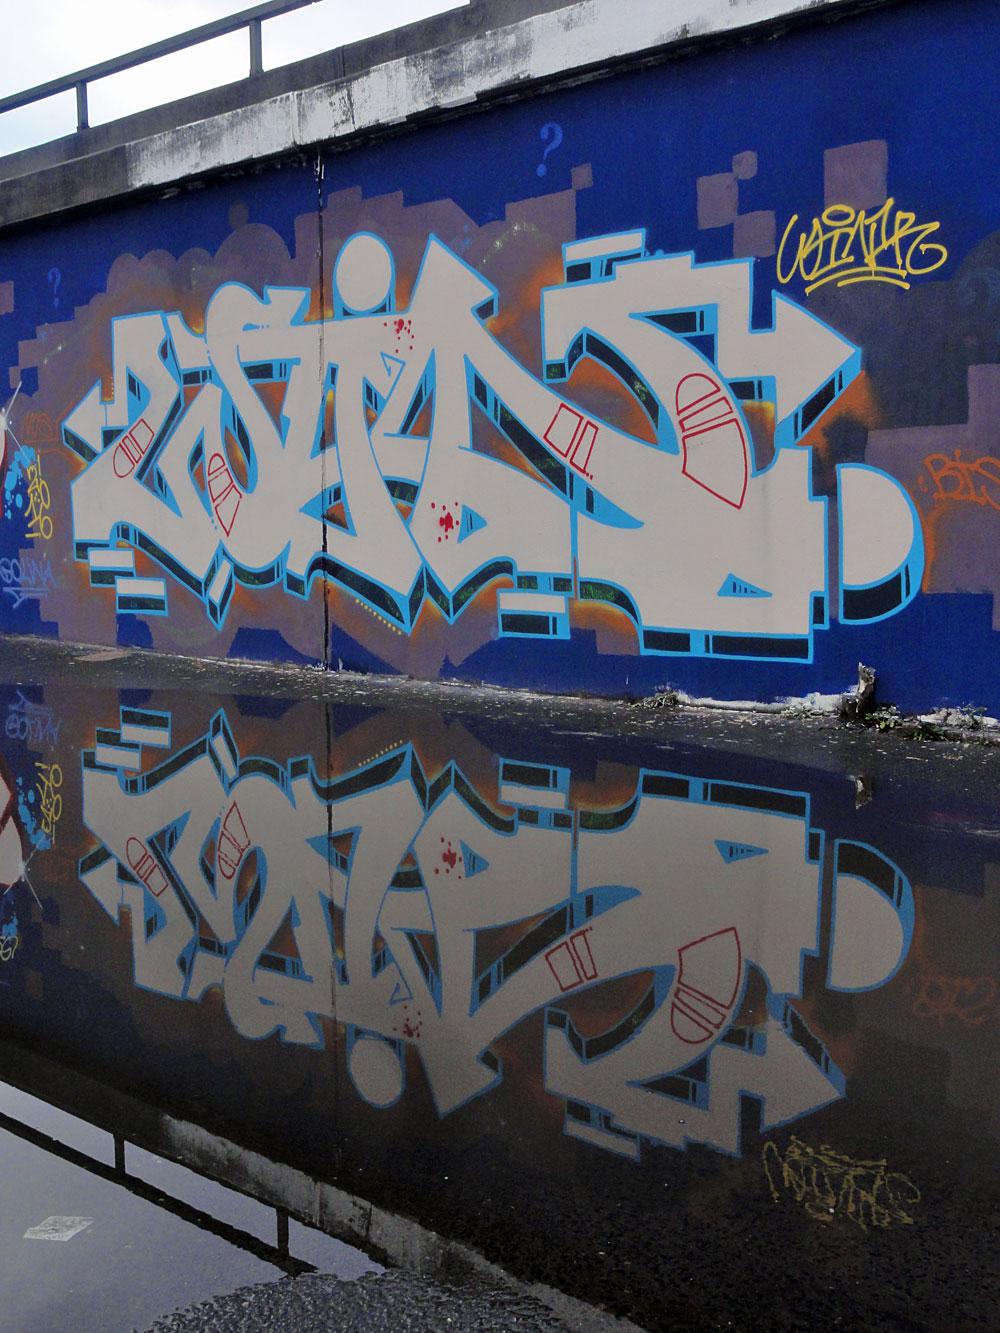 win-graffiti-bei-der-hall-of-fame-an-der-hanauer-landstrasse-in-frankfurt-2